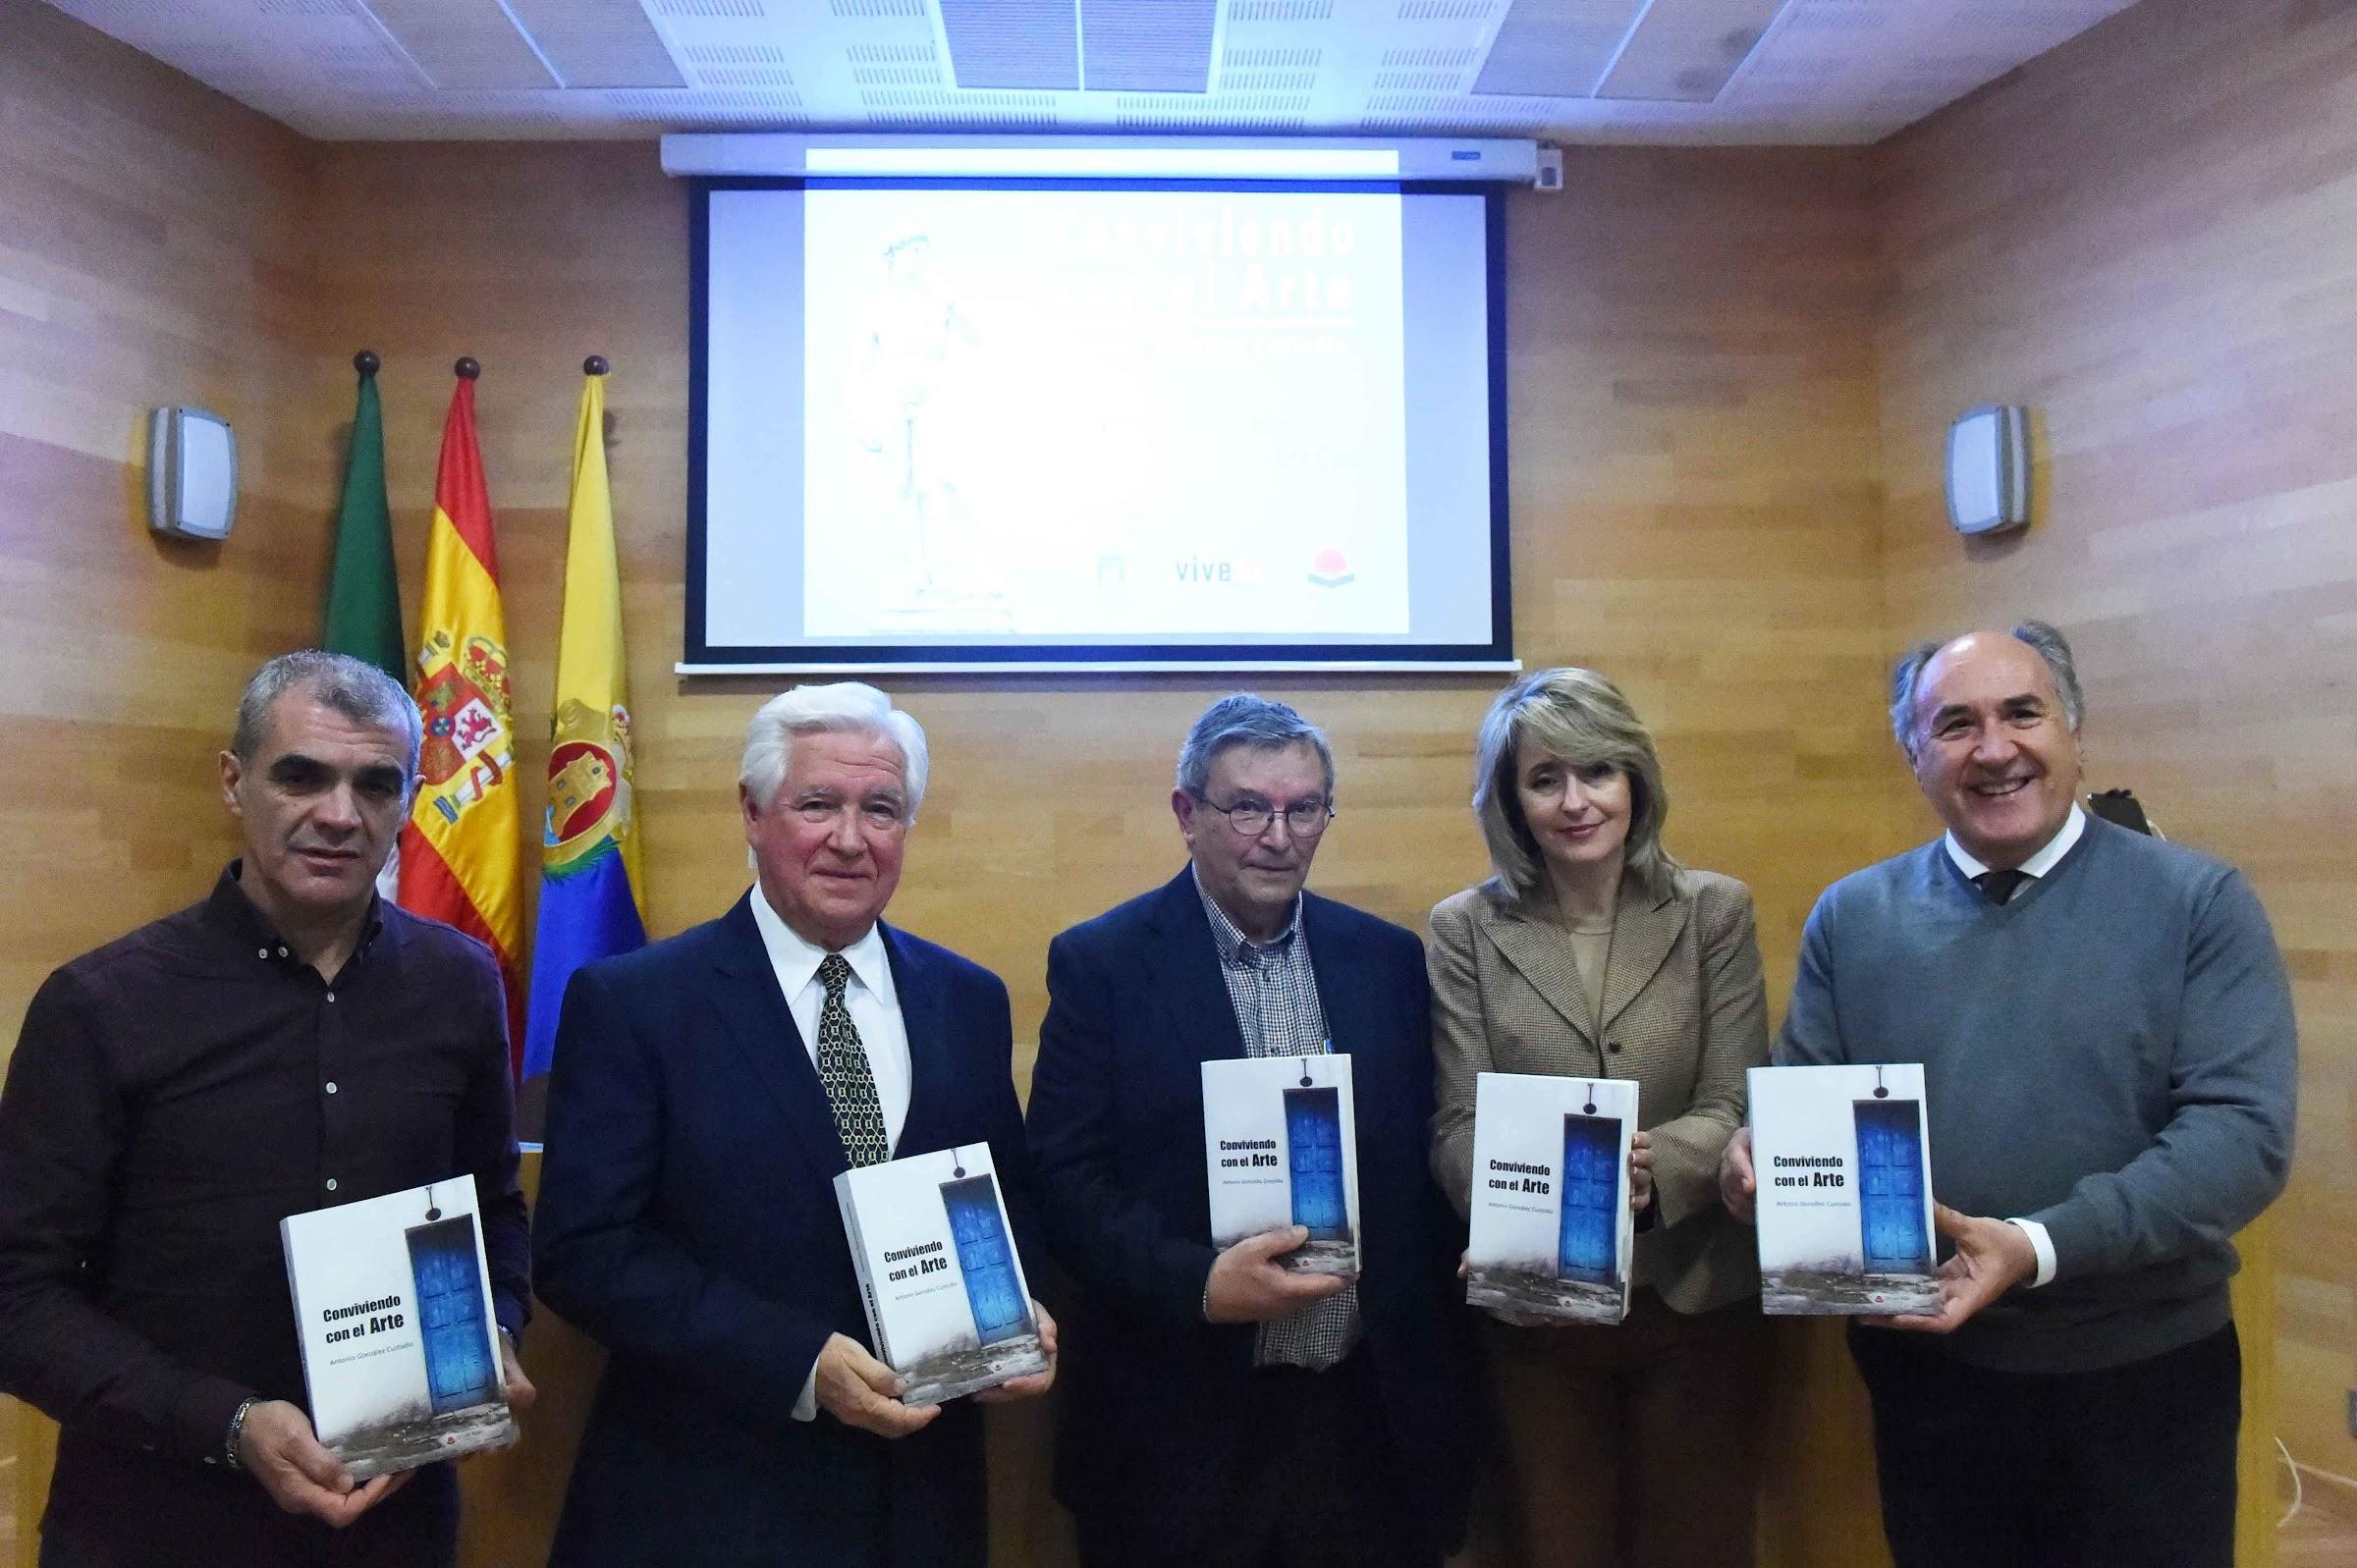 """Presentado el libro """"Conviviendo con el Arte"""" del algecireño Antonio González Custodio"""